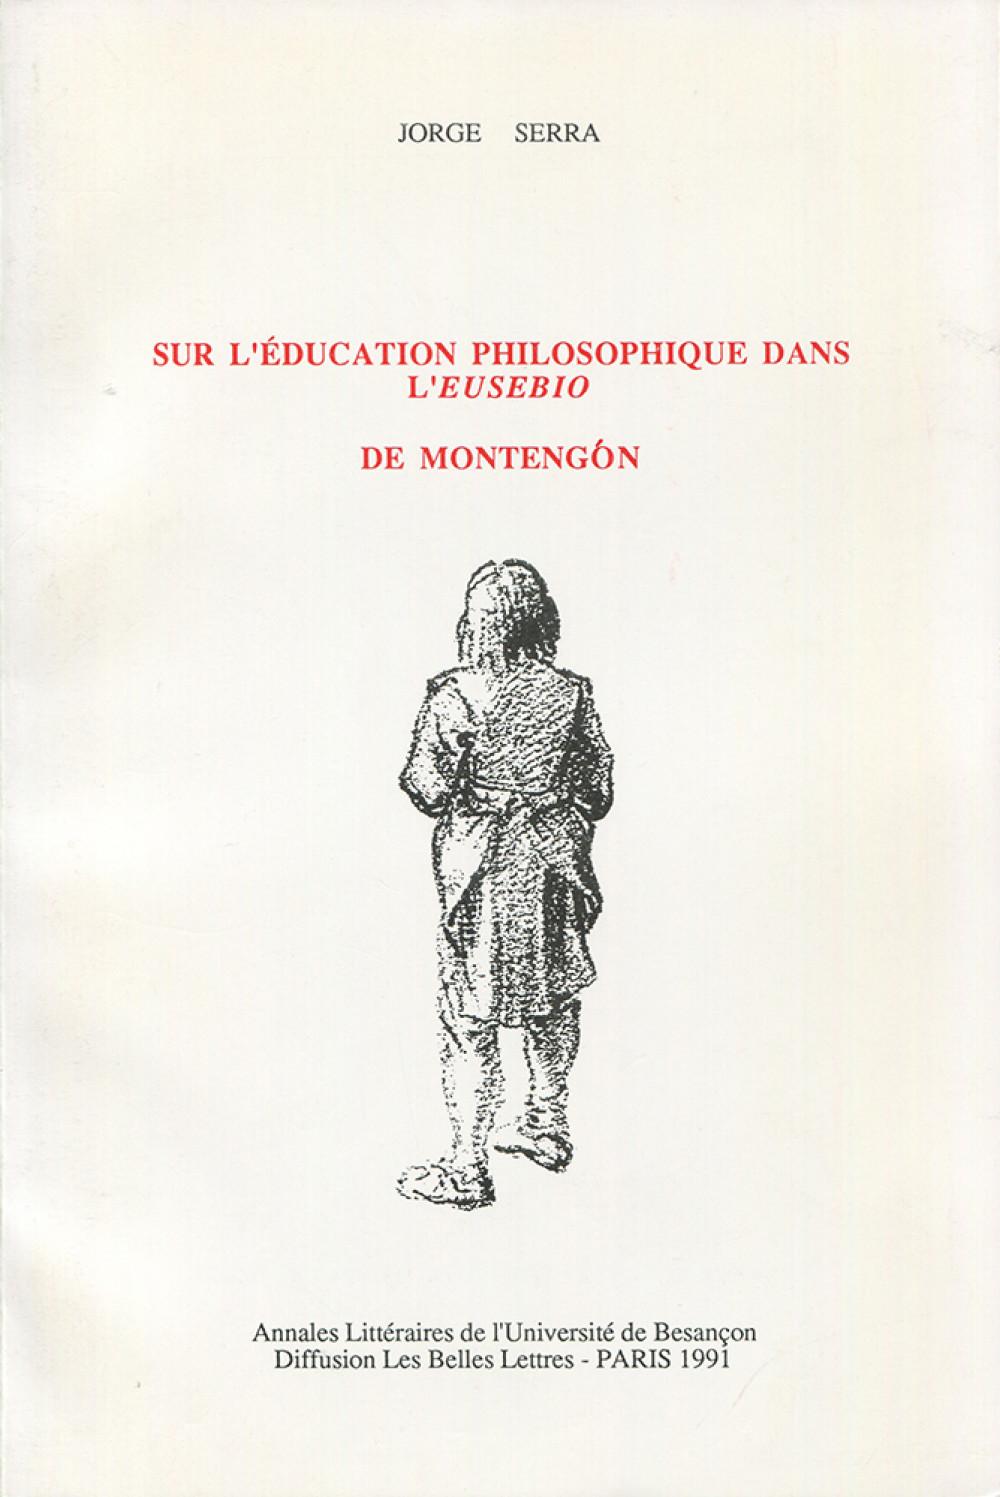 Sur l'éducation philosophique dans l'Eusebio de Montengon